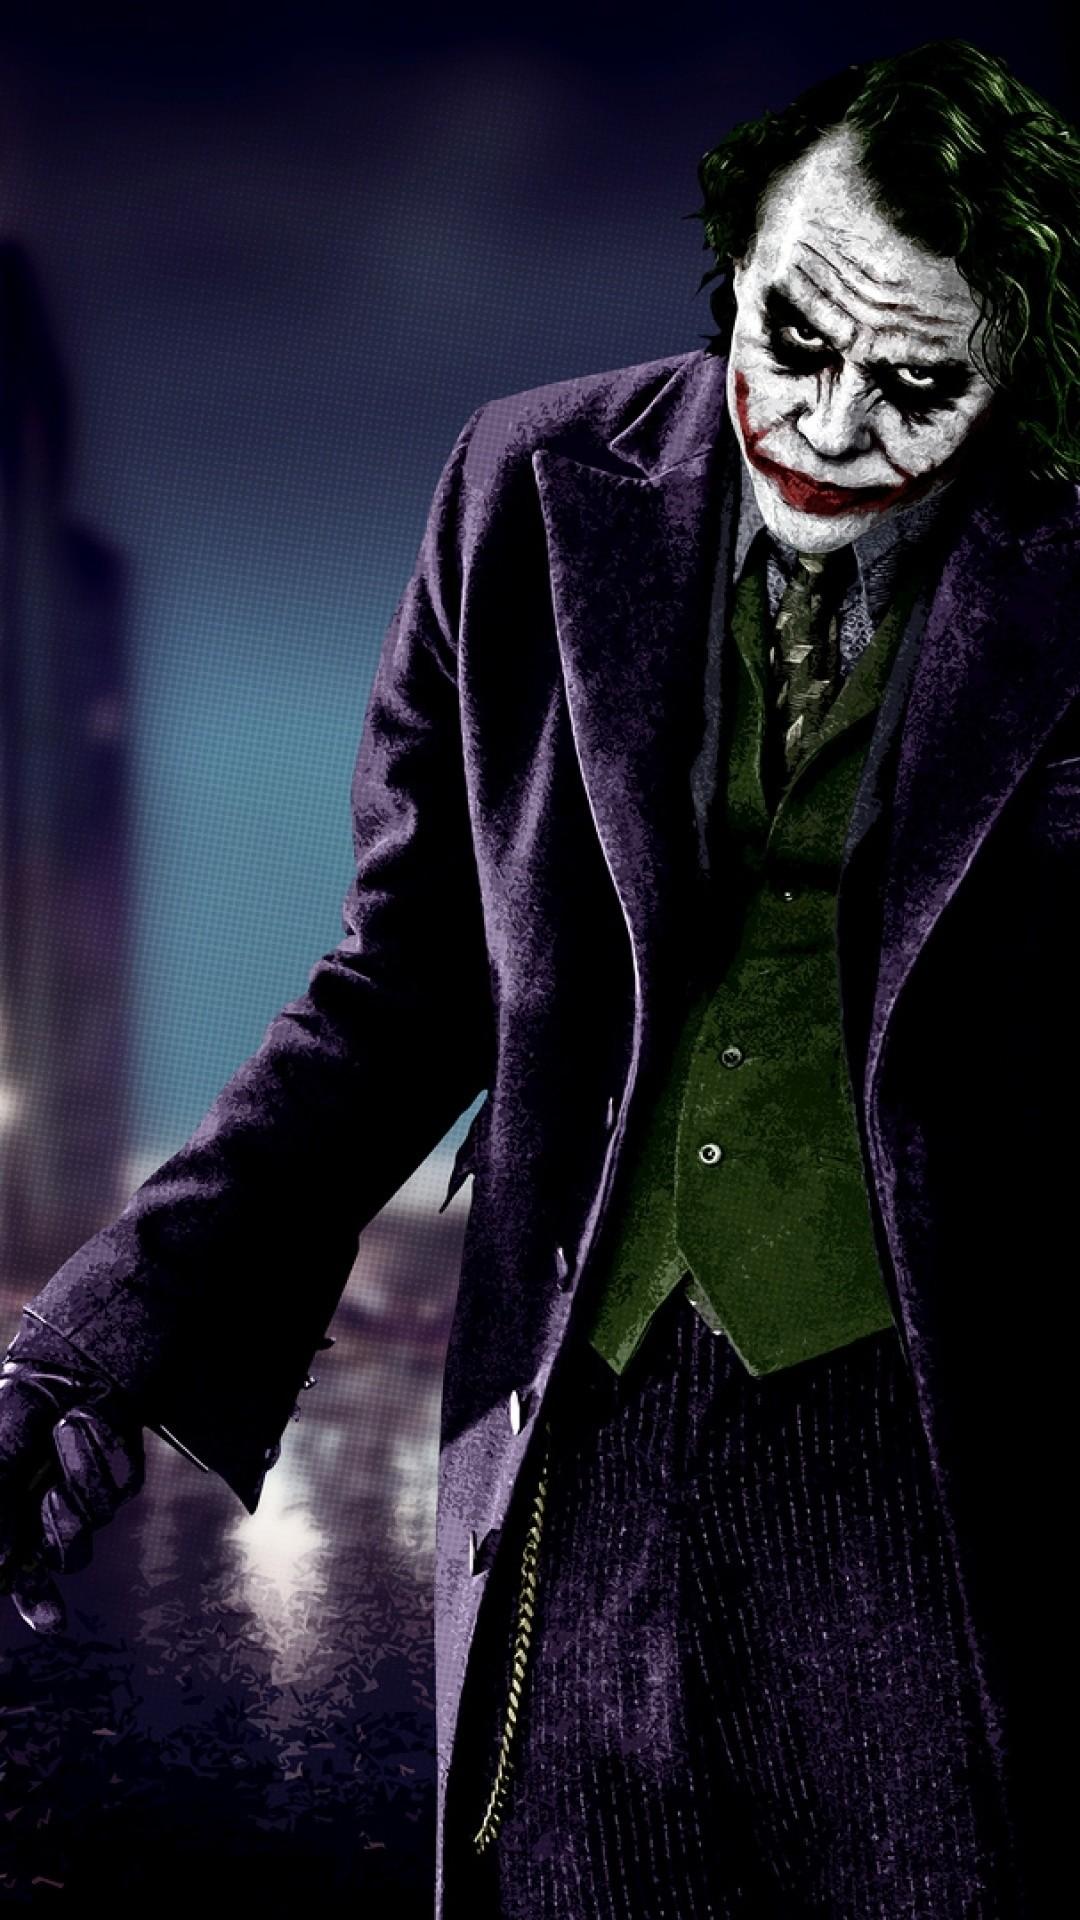 Heath ledger wallpapers for Joker wallpaper 4k